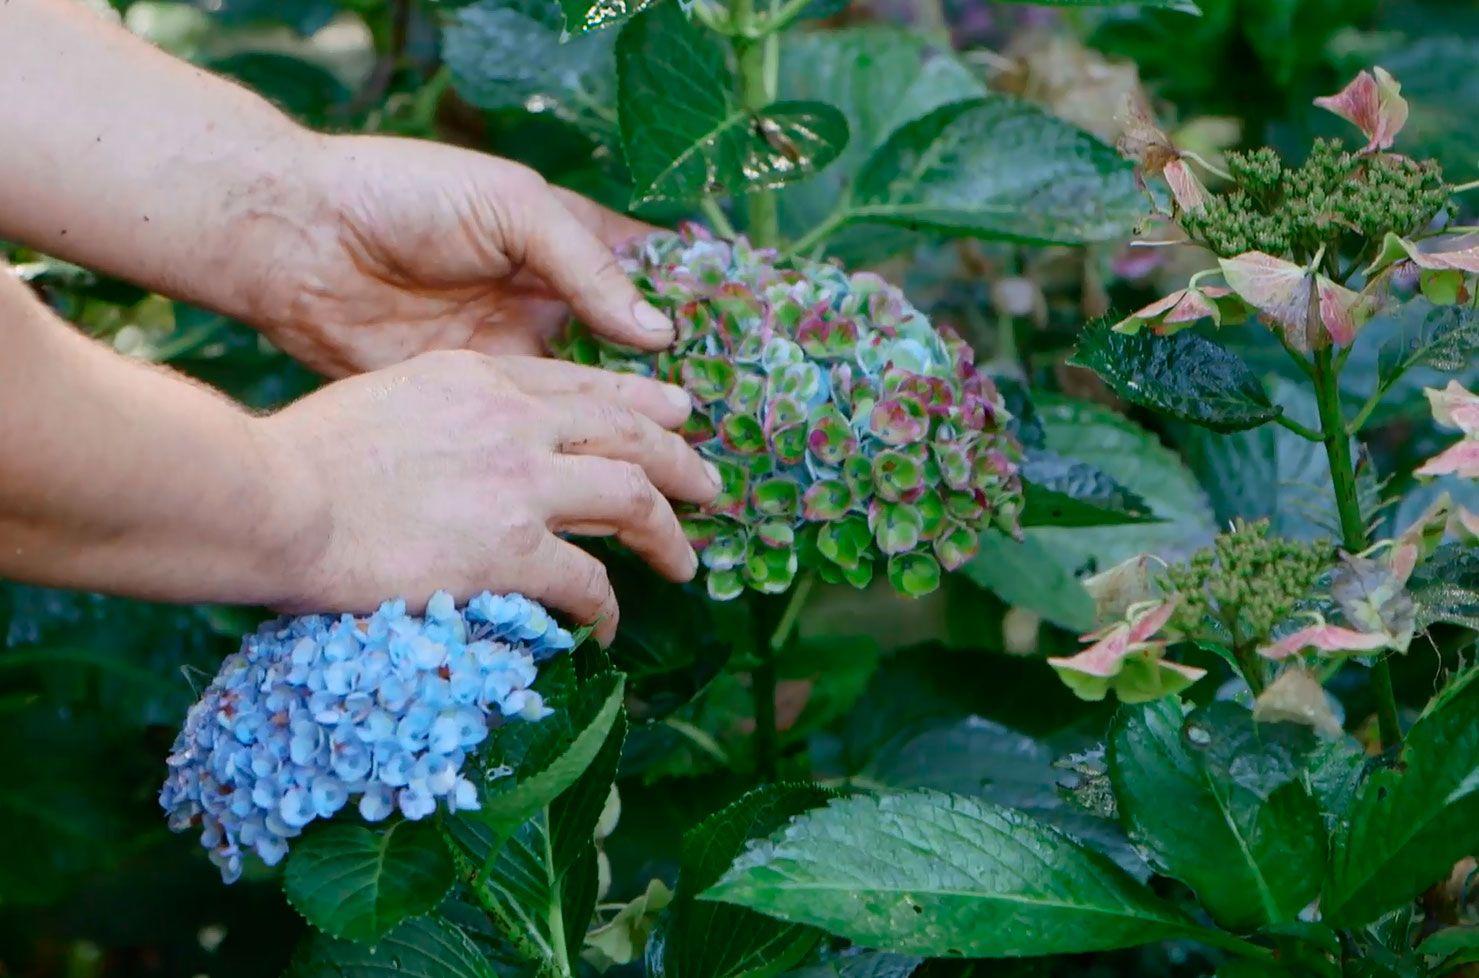 Oto ada de las hortensias magical bricoman a - Cuando podar las hortensias ...